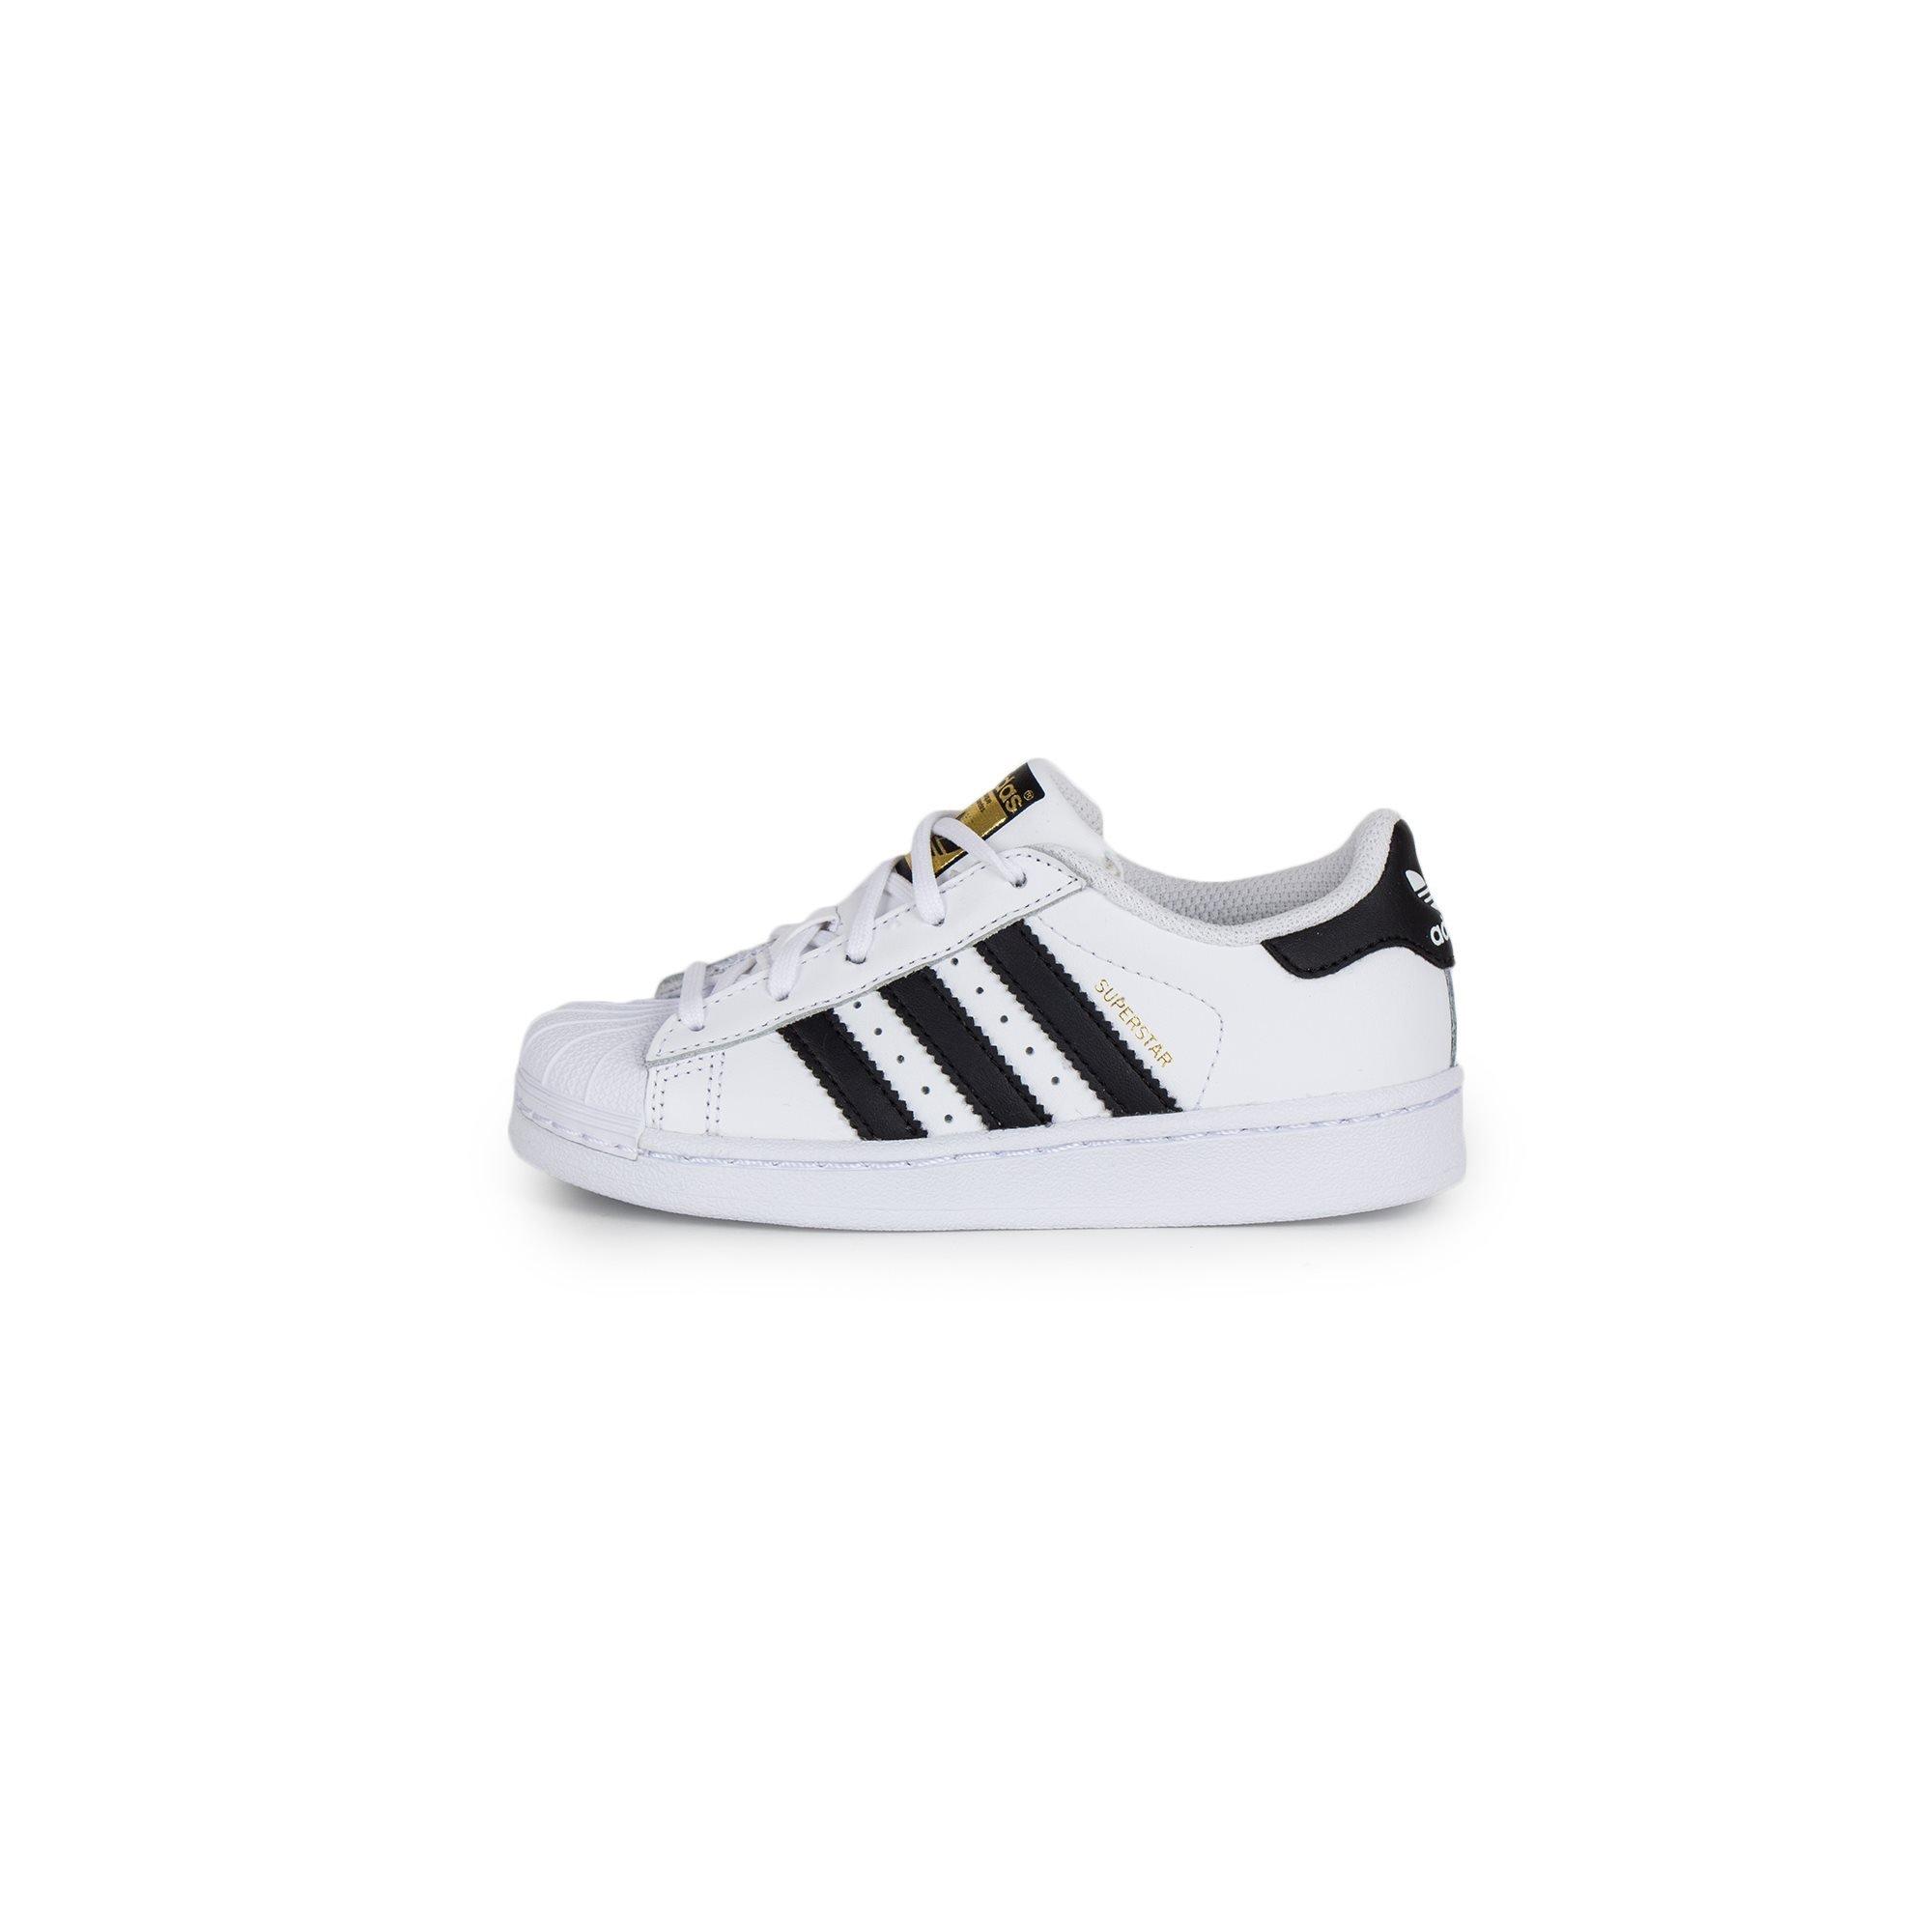 cdd493fe08932 adidas Originals - Superstar Foundation EL C Kids' White/Black Shoes.  Loading zoom